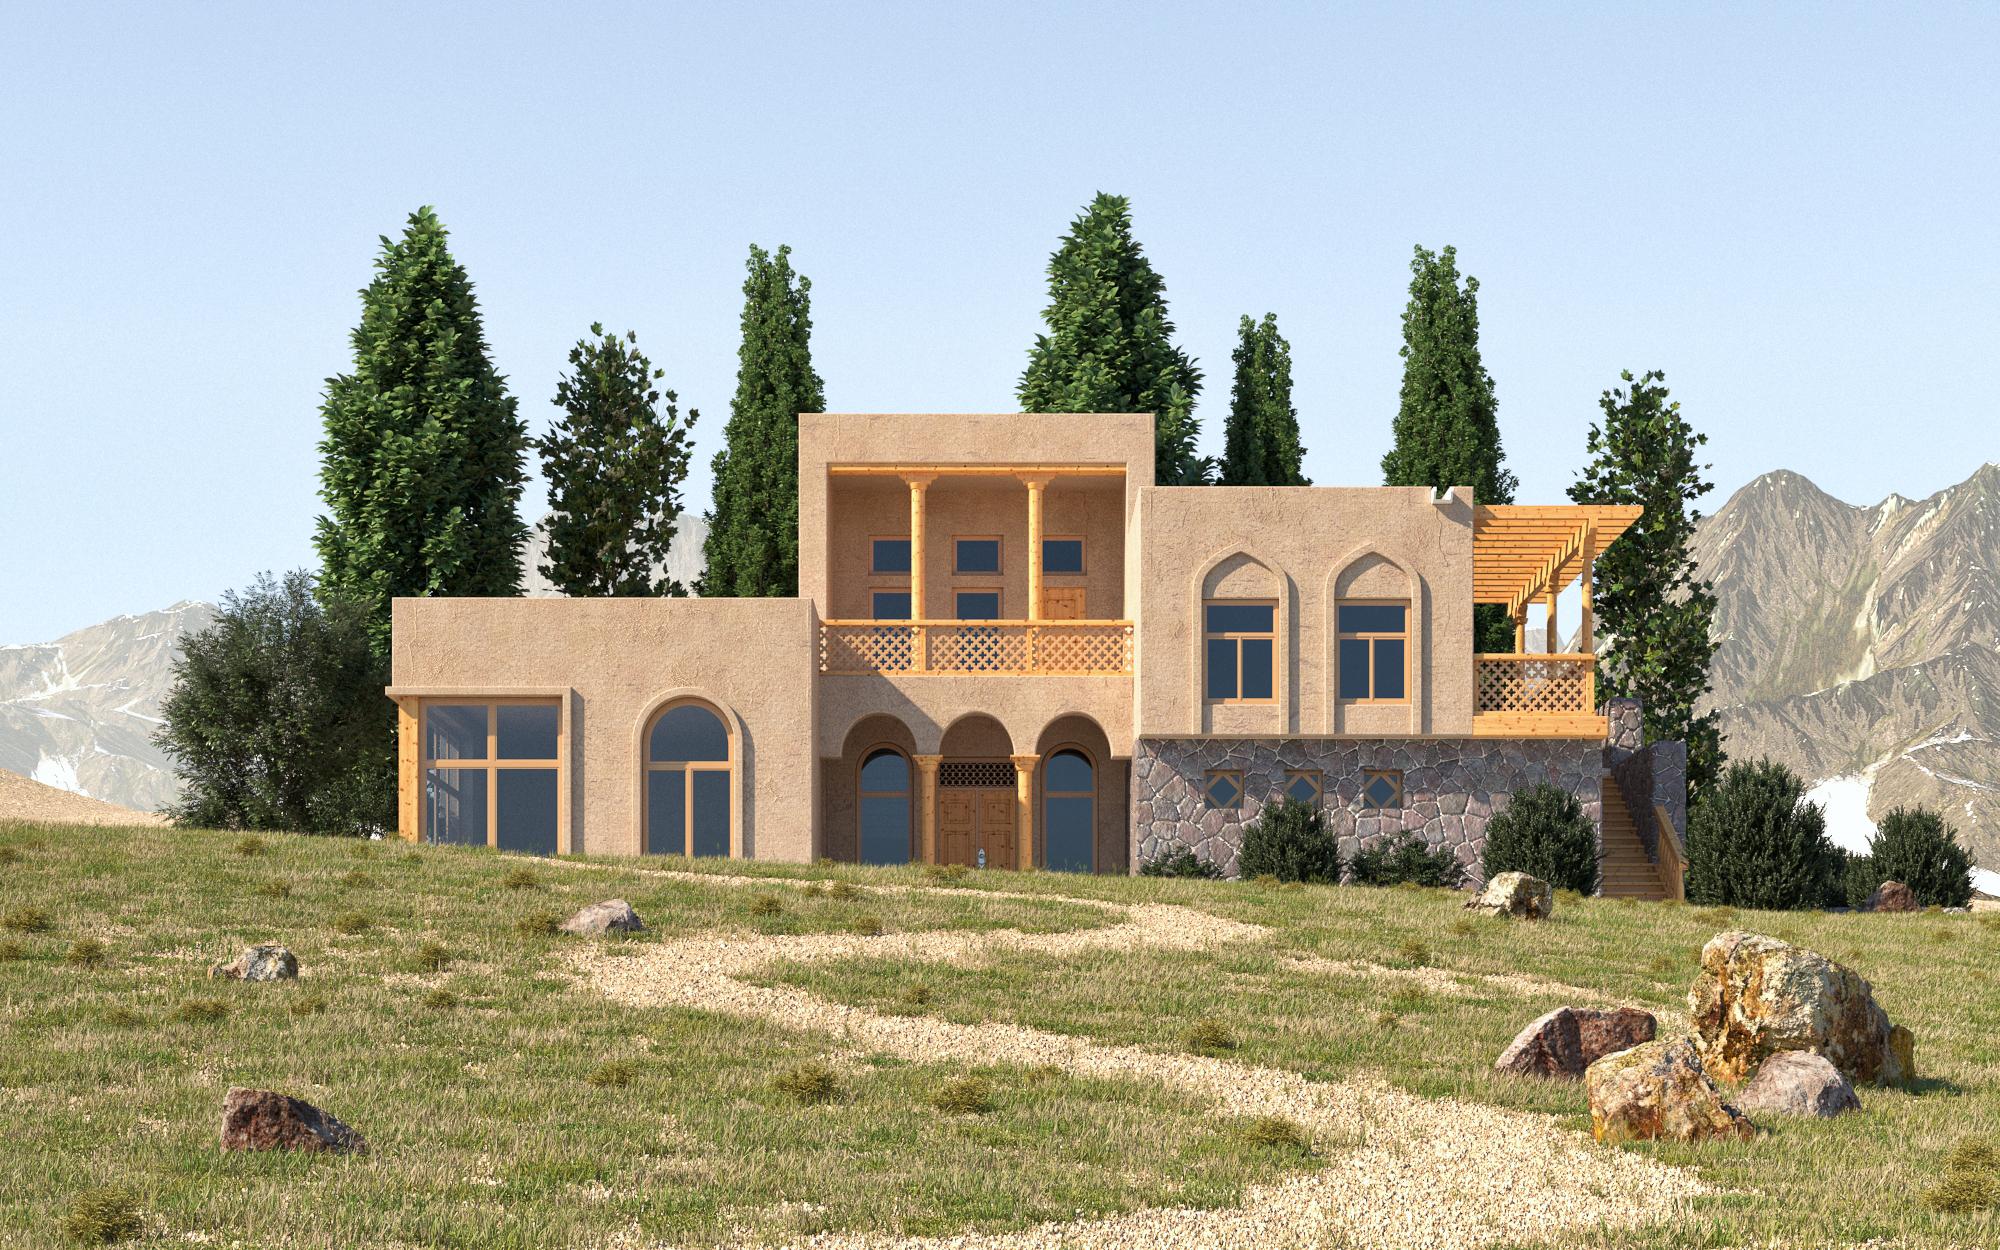 ताजिकिस्तान की पारंपरिक वास्तुकला 3d max corona render में प्रस्तुत छवि